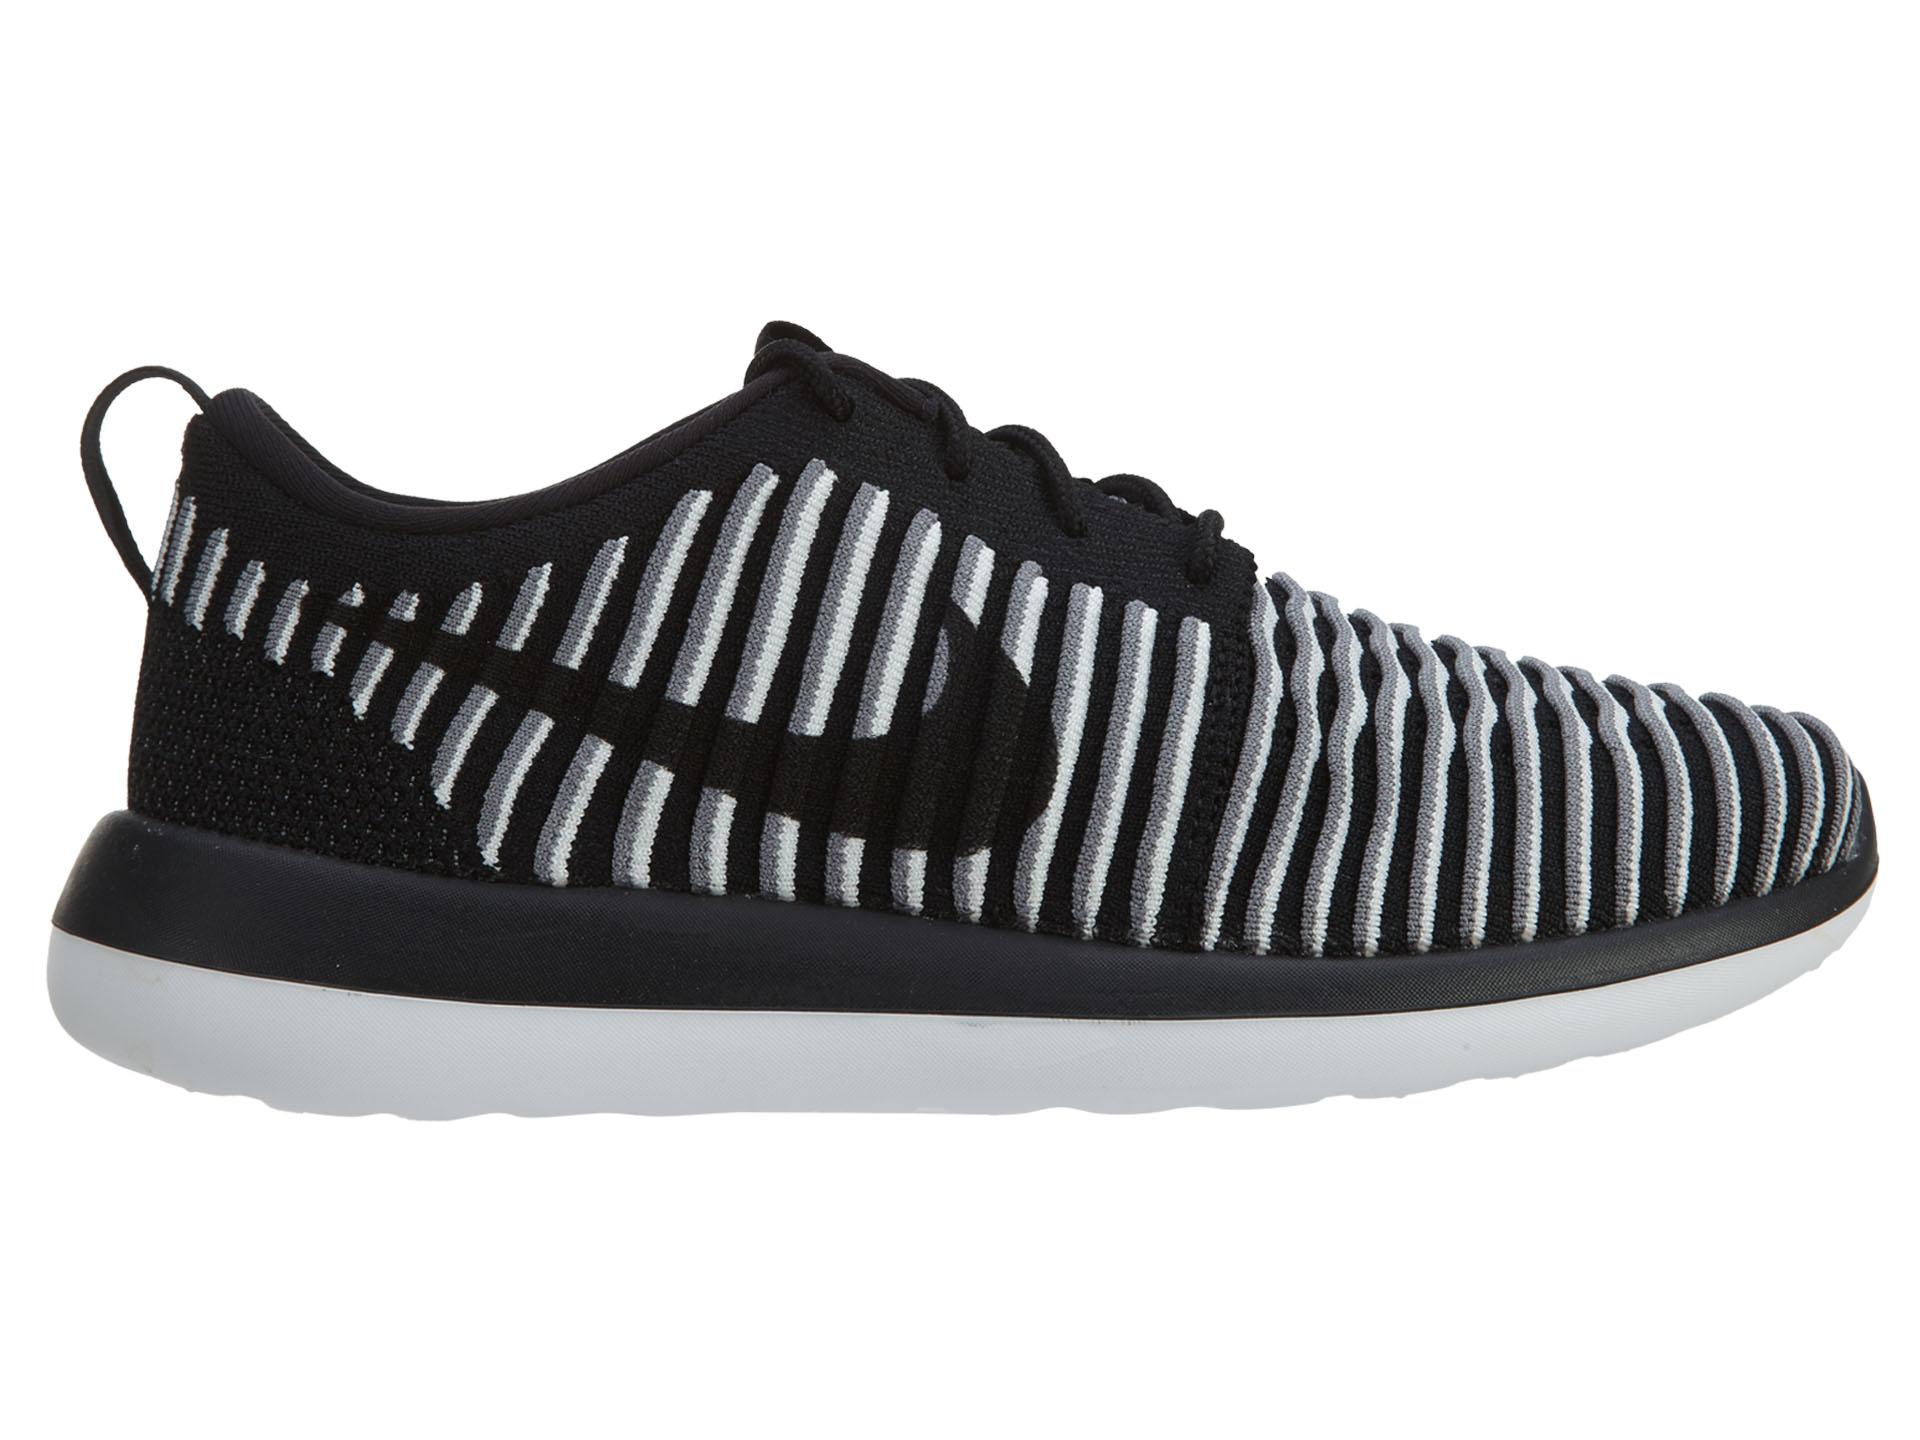 Nike Roshe Two Flyknit Black Black White (W)